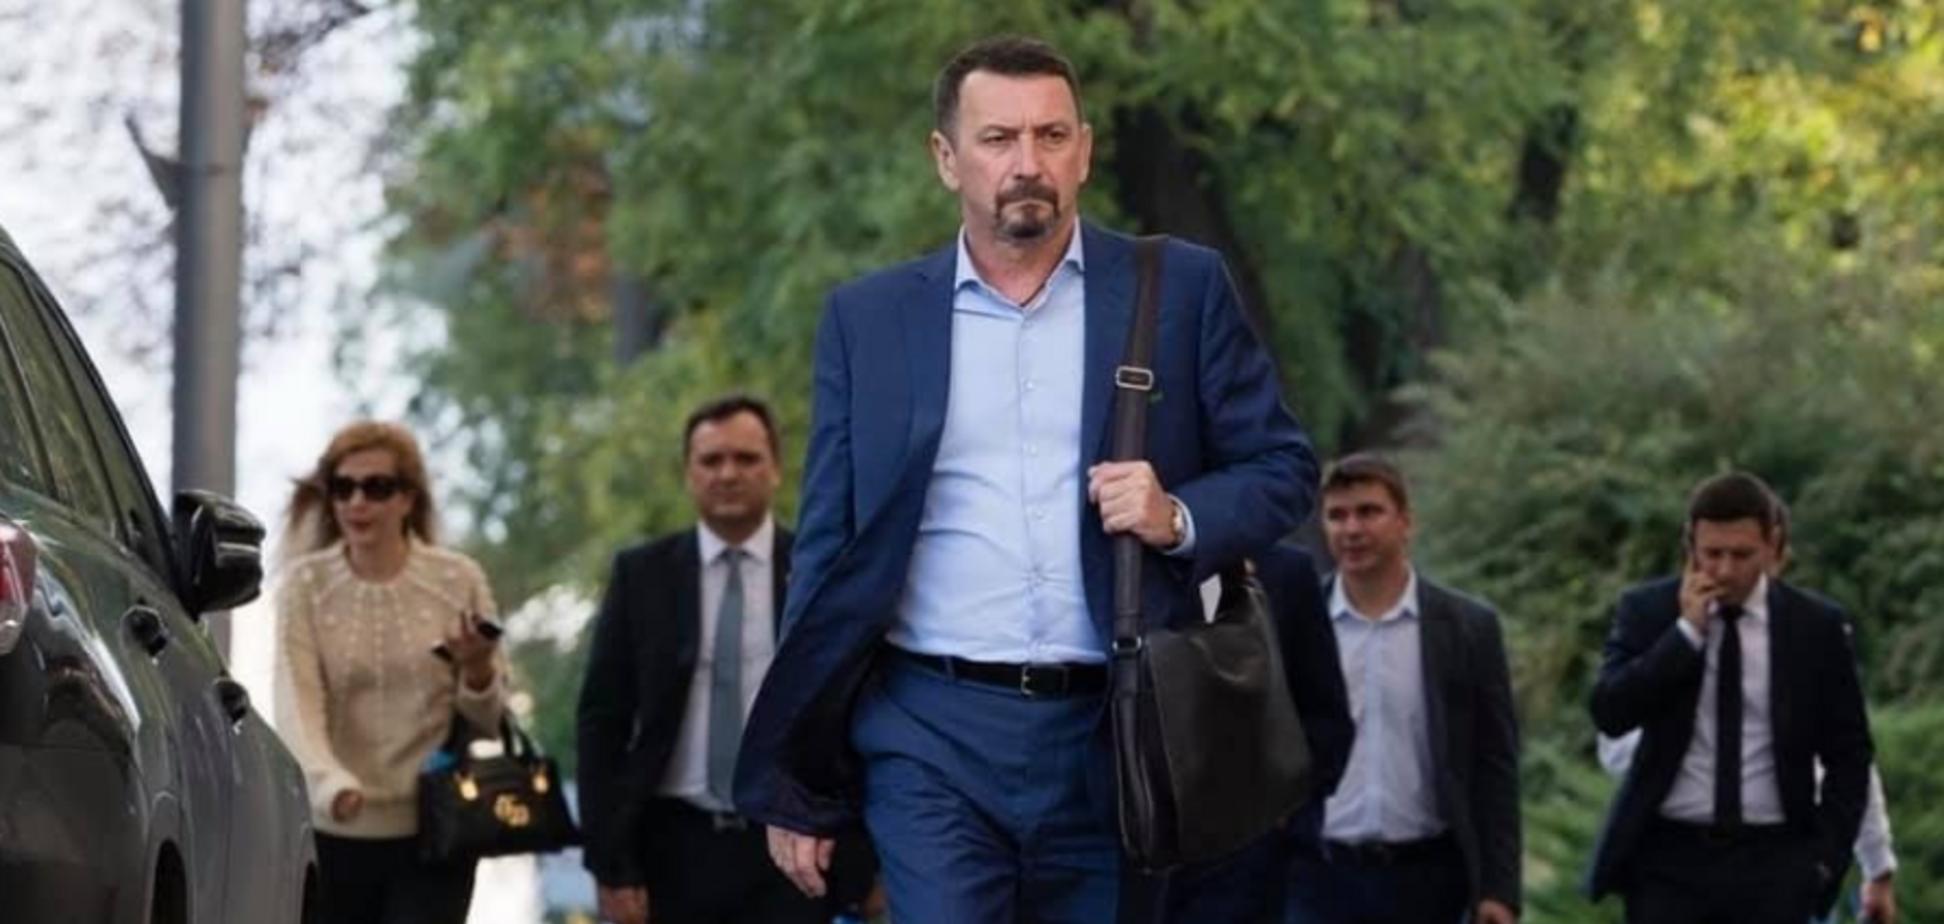 Пока в Киеве готовят праймериз, на родине Зеленского Юрий Кисель торгует франшизой 'Слуги народа'